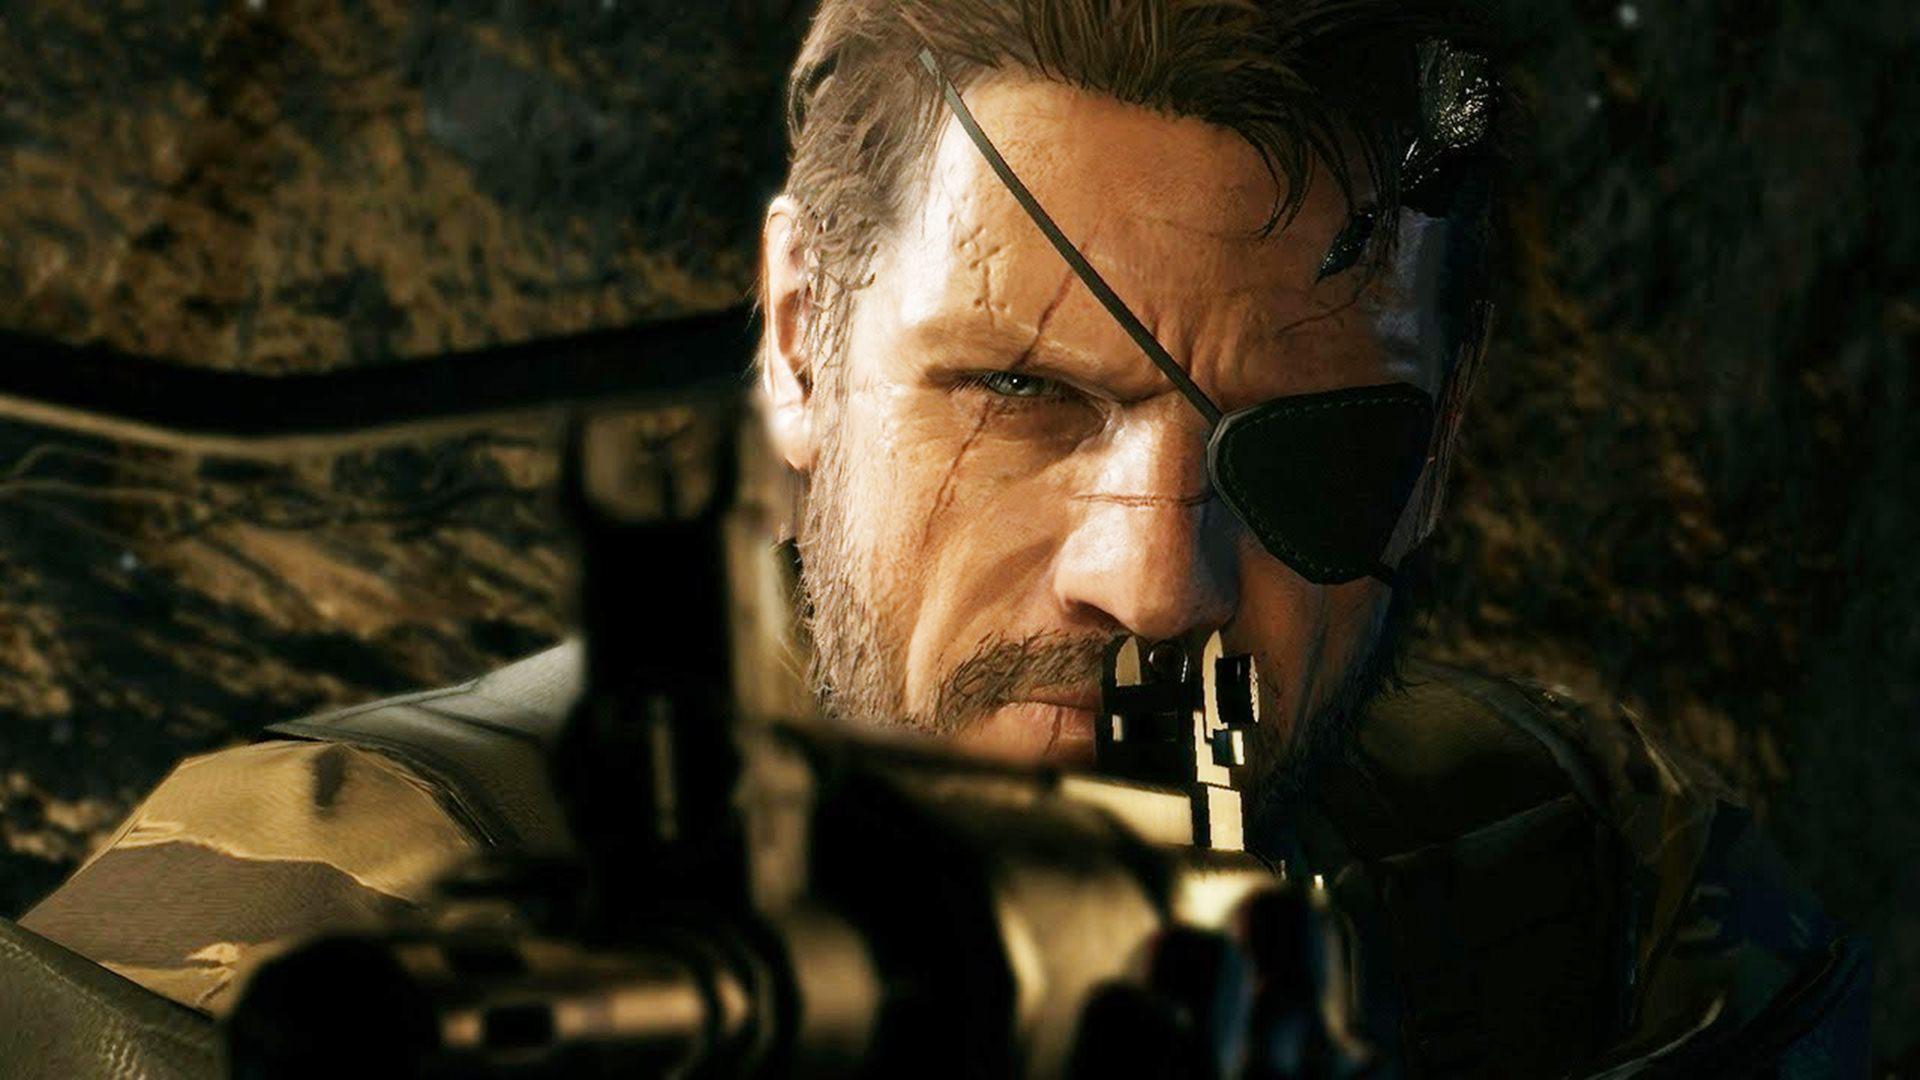 snake_pointing_gun